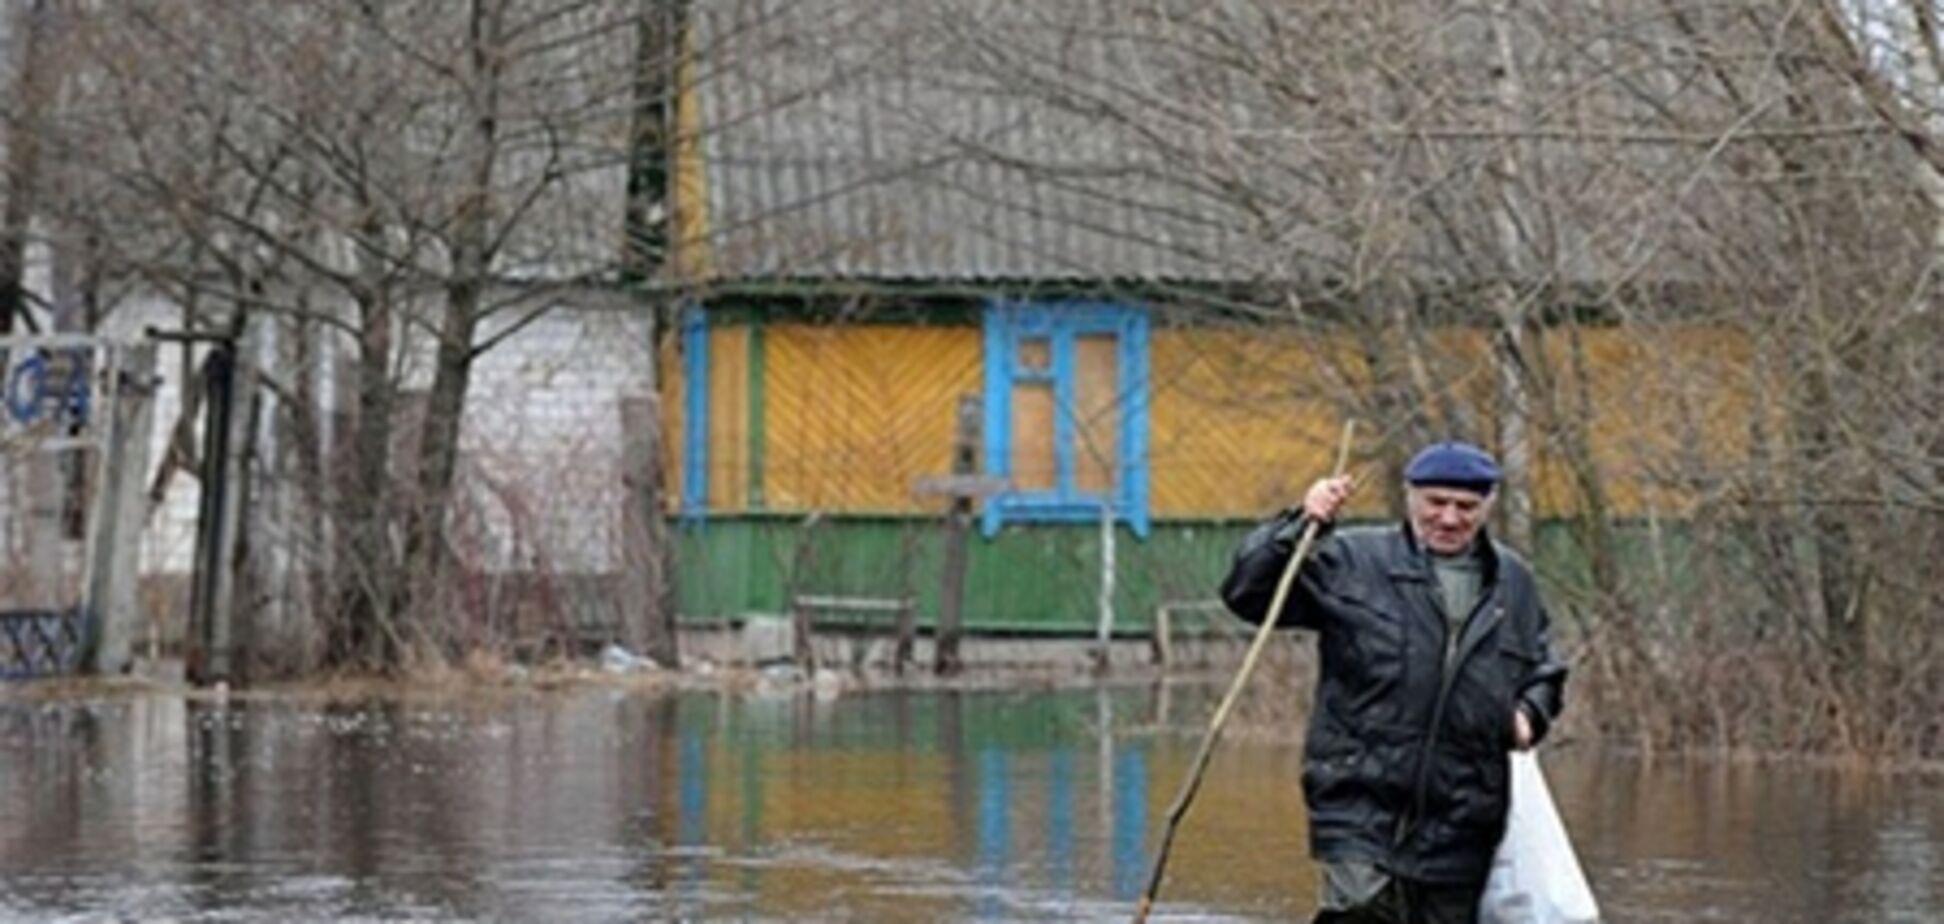 МЧС Украины составило план катастроф на 2012 год